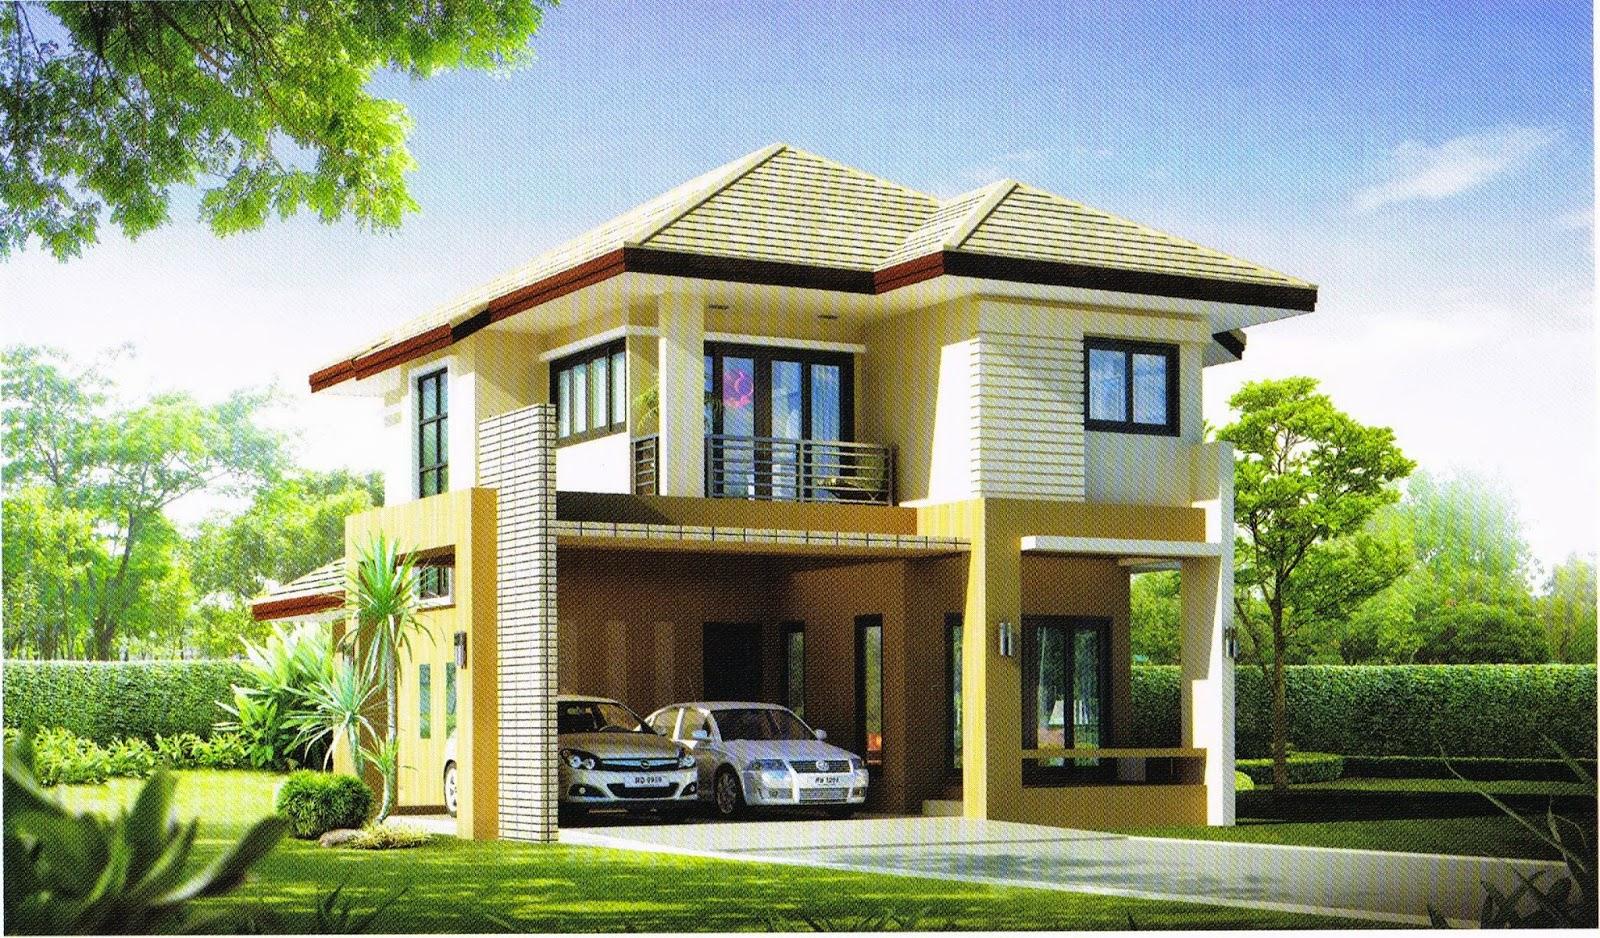 Rumah Minimalis 2 Lantai Di Palembang   Expo Desain Rumah